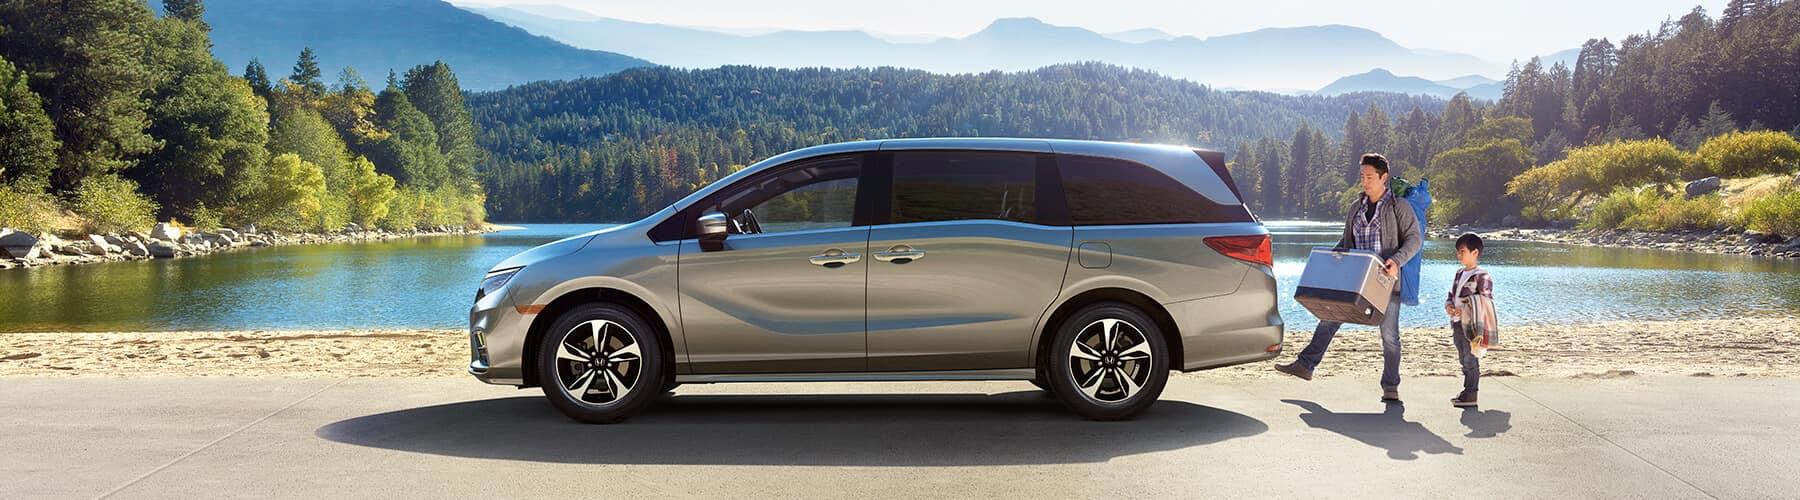 2020 Honda Odyssey Slider